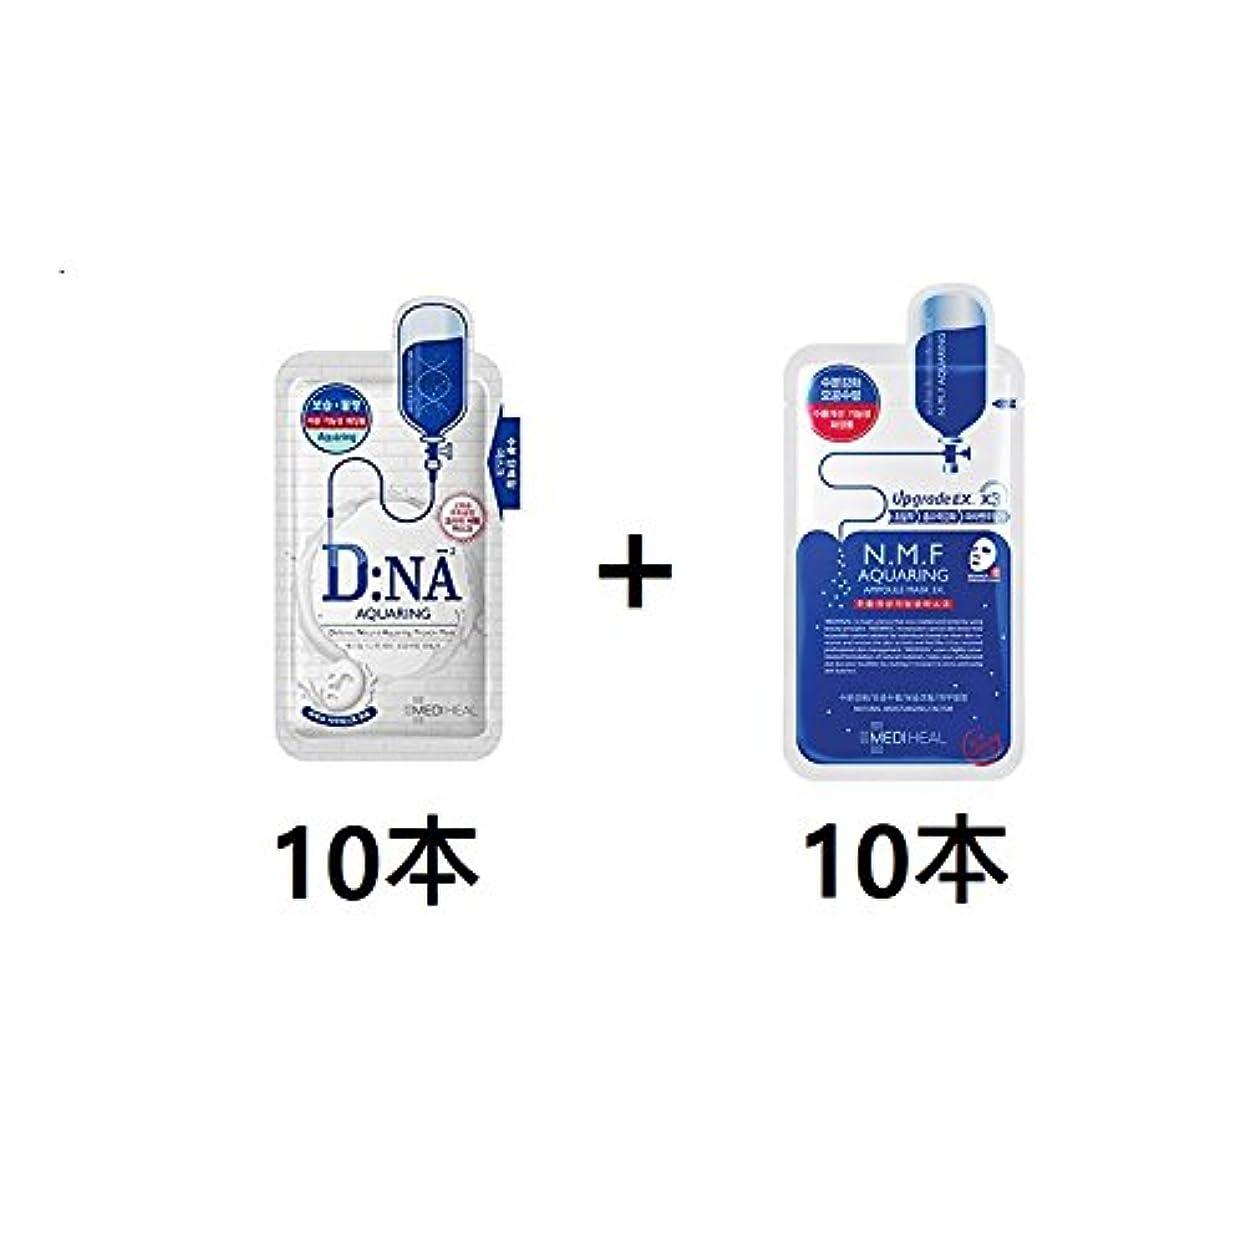 ブロッサム困惑魔法[10+10] [メディヒール] Mediheal [N.M.F アクアリング アンプルマスク EX (10枚)] + Mediheal DNA [プロアチン マスクパック (アクアリング) (10枚) ] [並行輸入品]